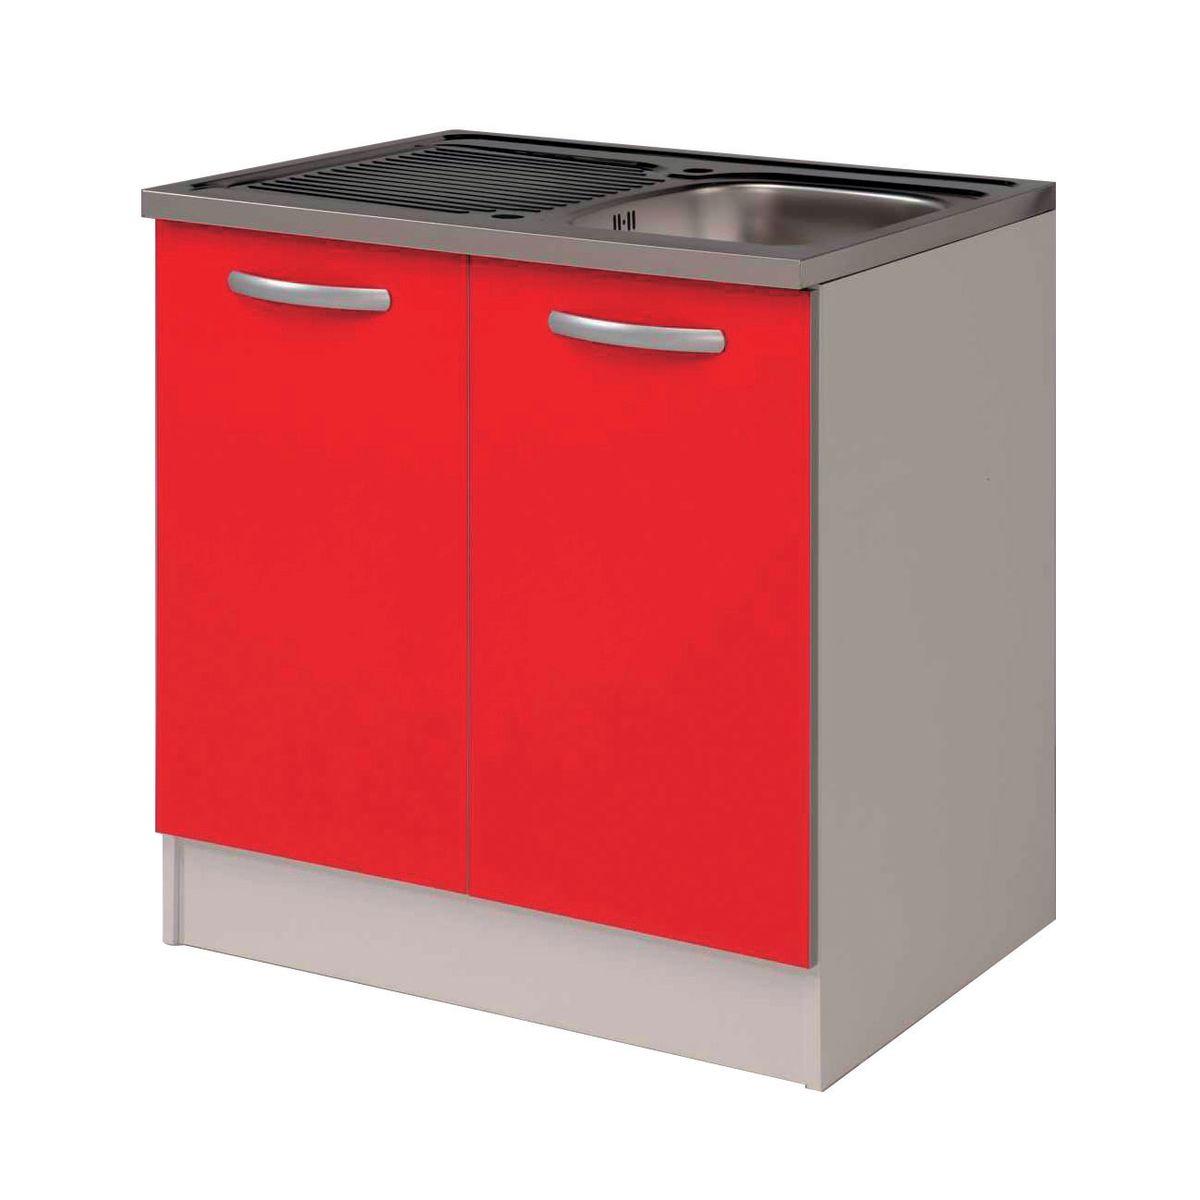 Prezzi moduli cucine componibili good dscn cucina - Cucine componibili in kit di montaggio prezzo ...